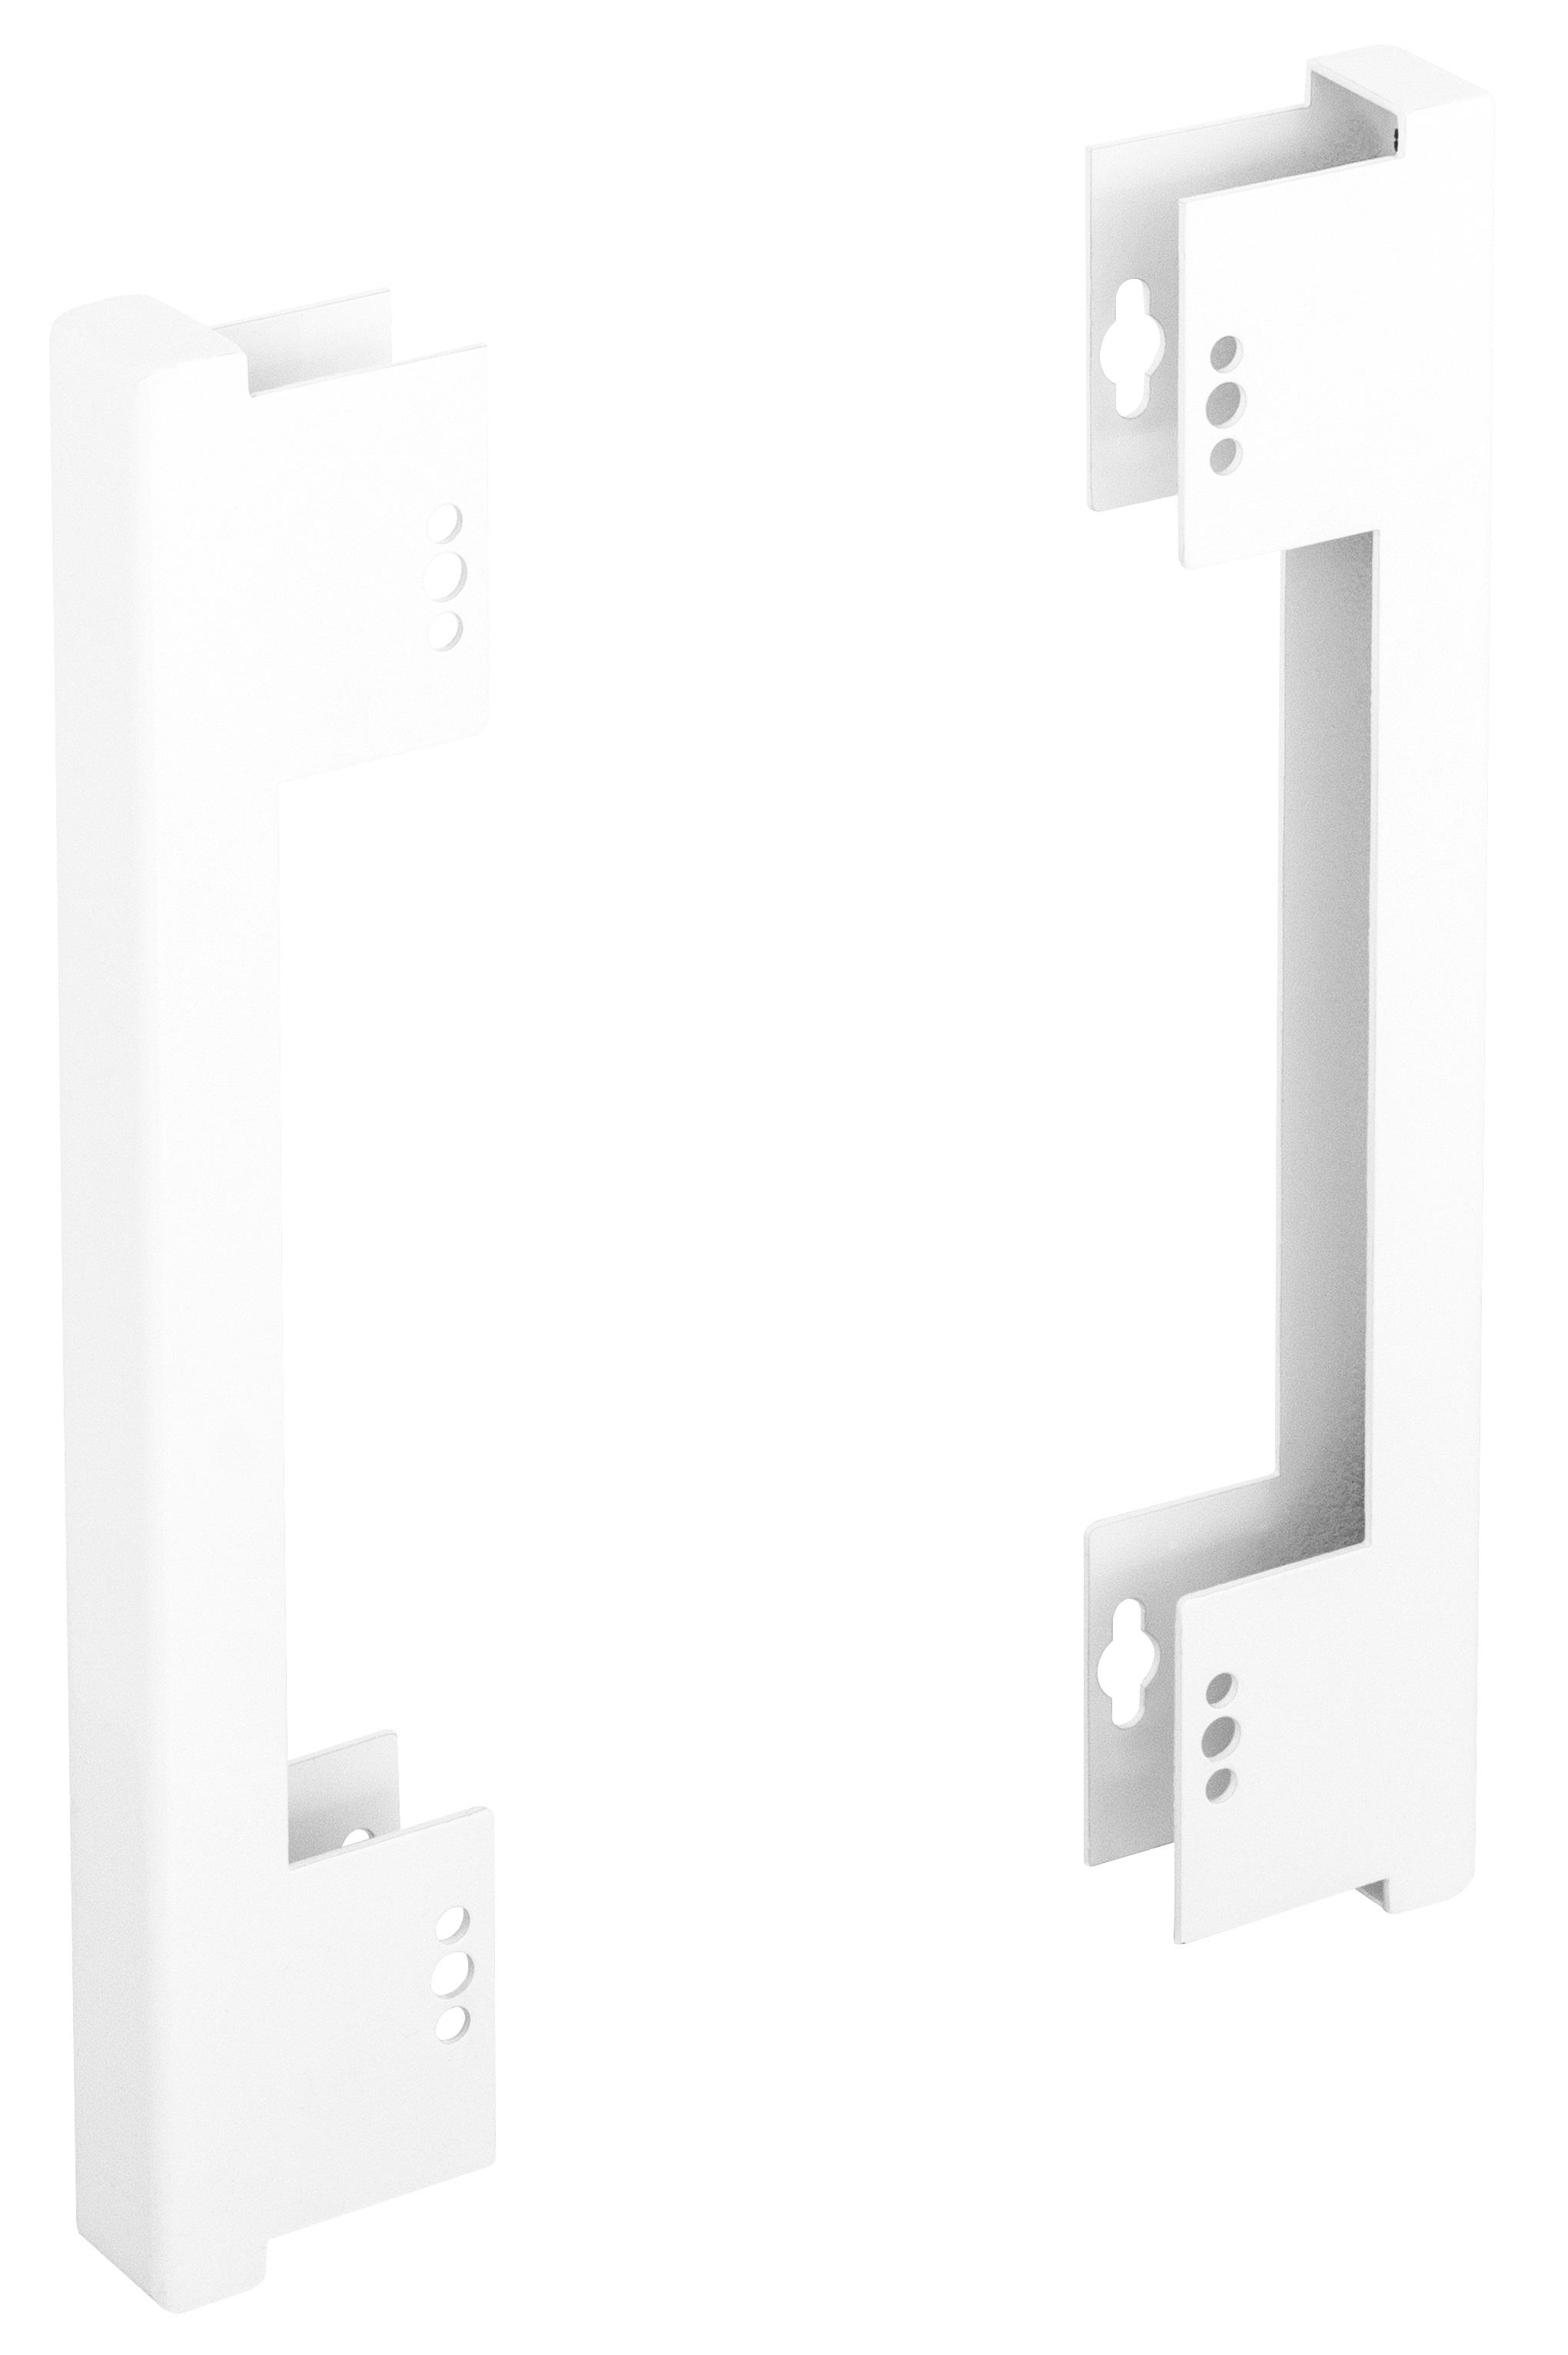 1 Stk Seiten- Montageset für DW4Hx2…, T=30mm, H=333mm, RAL7035 DW4HZMS2--